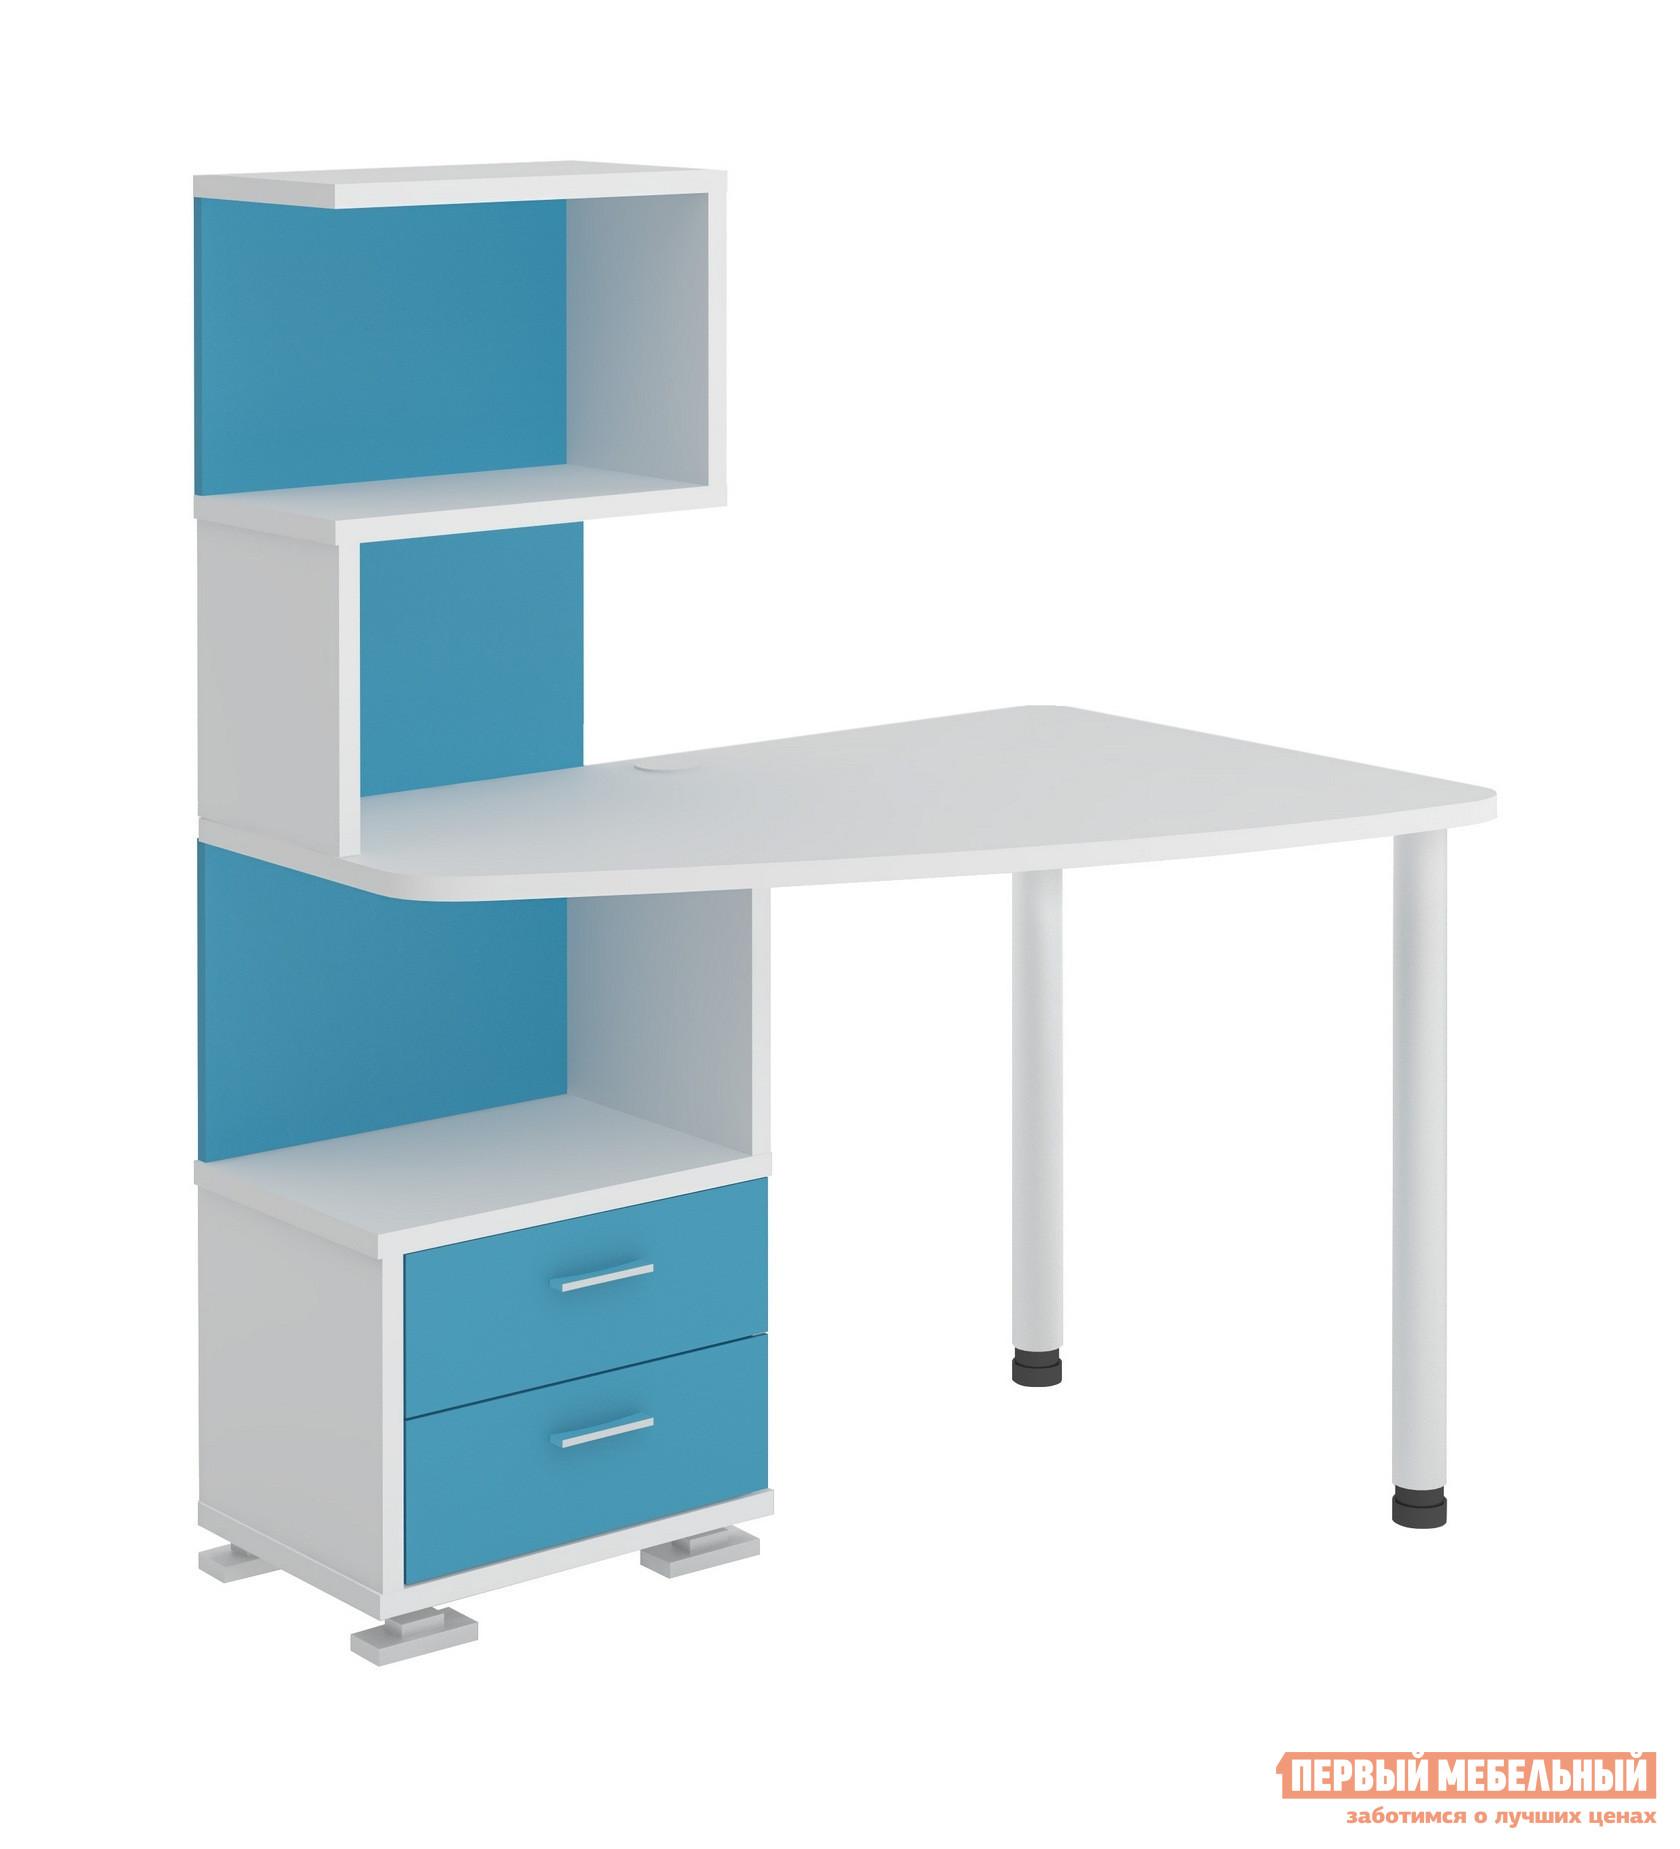 Компьютерный стол мэрдэс скм-60.